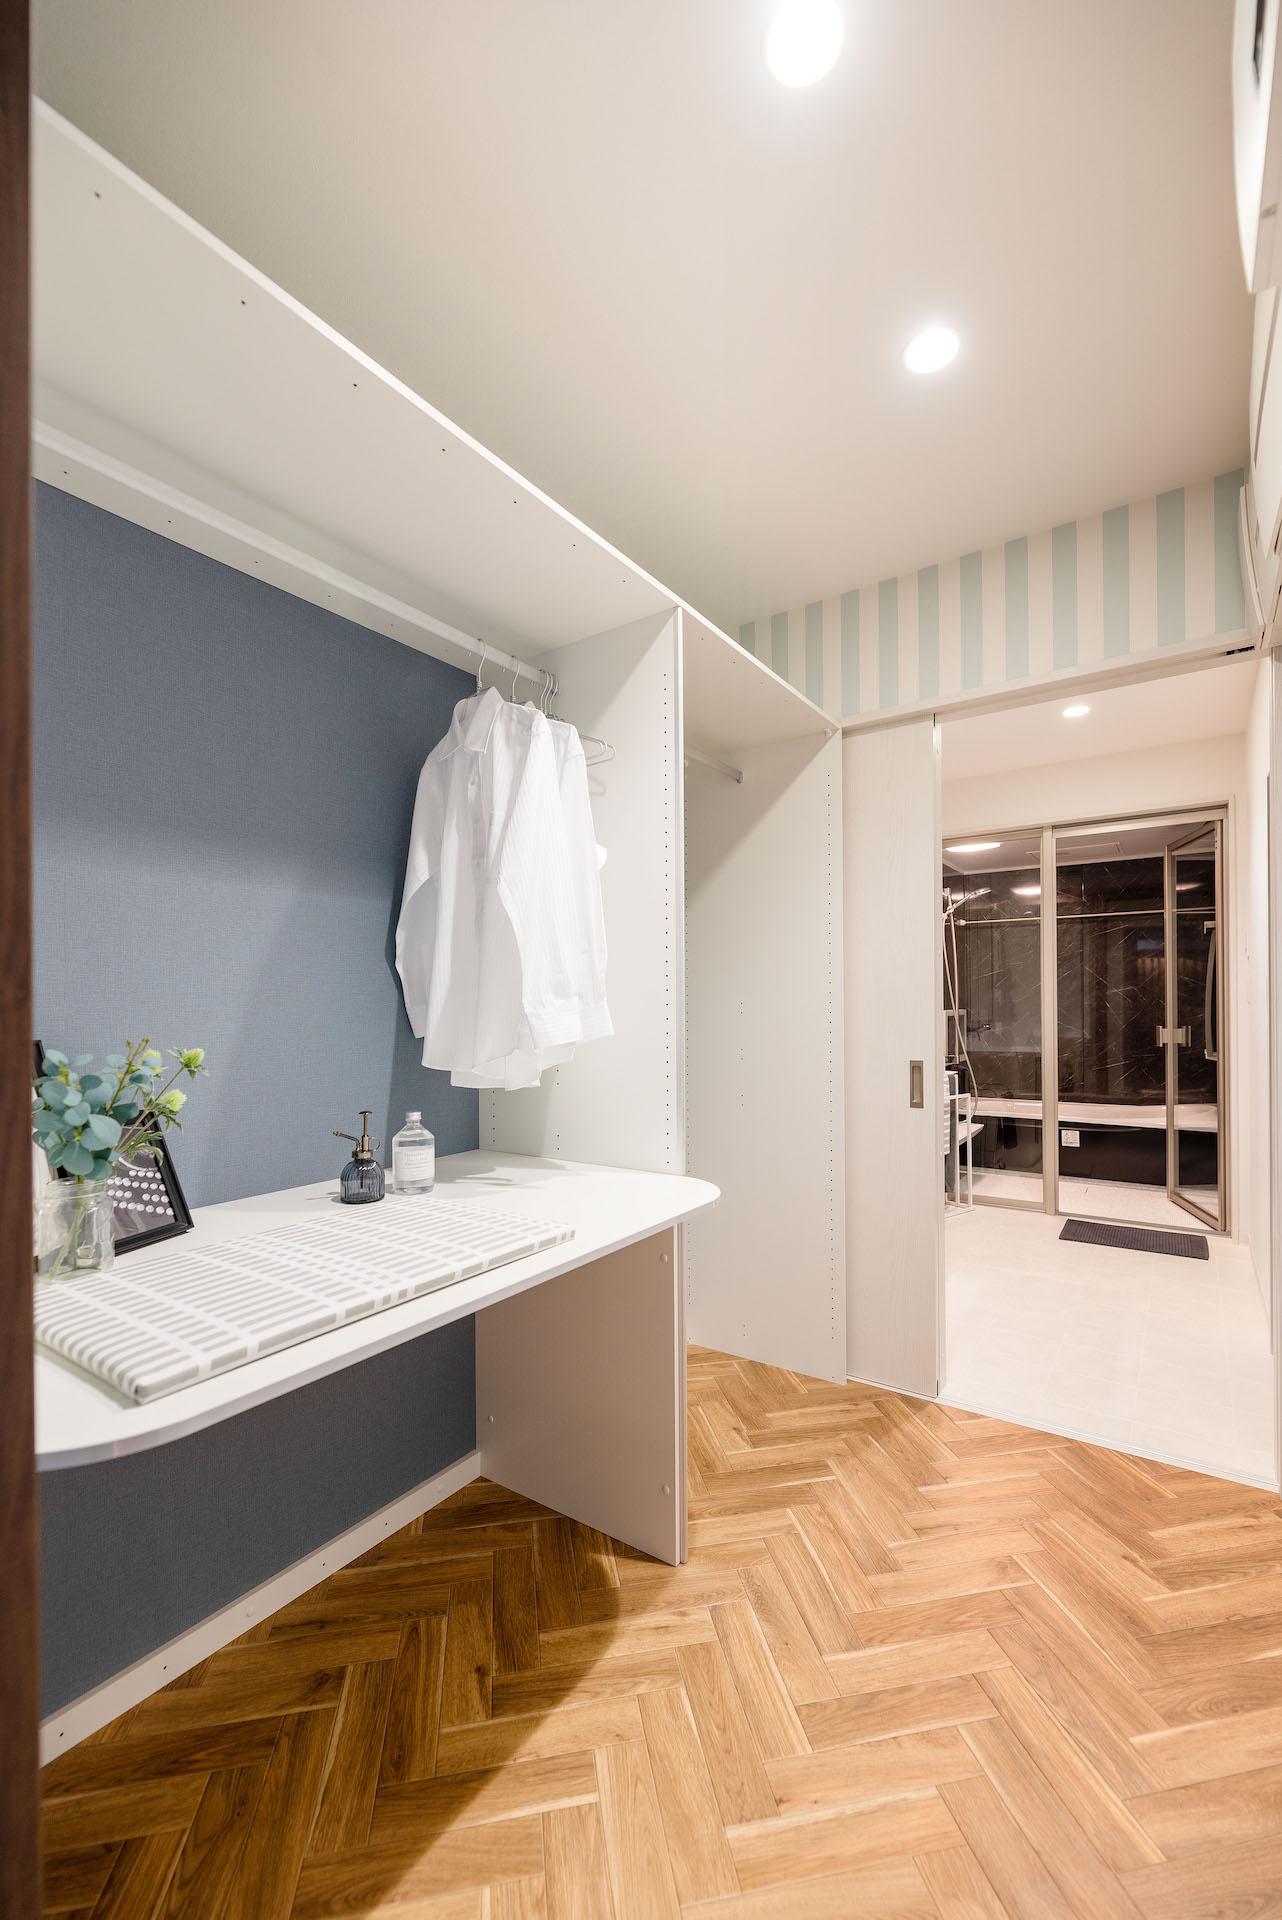 irohaco (アヴァンス)【駿東郡清水町堂庭241-22・モデルハウス】アイロンがけもできる部屋干しコーナー。脱衣室、バスルームへとつながるしなやかな家事動線も体感して